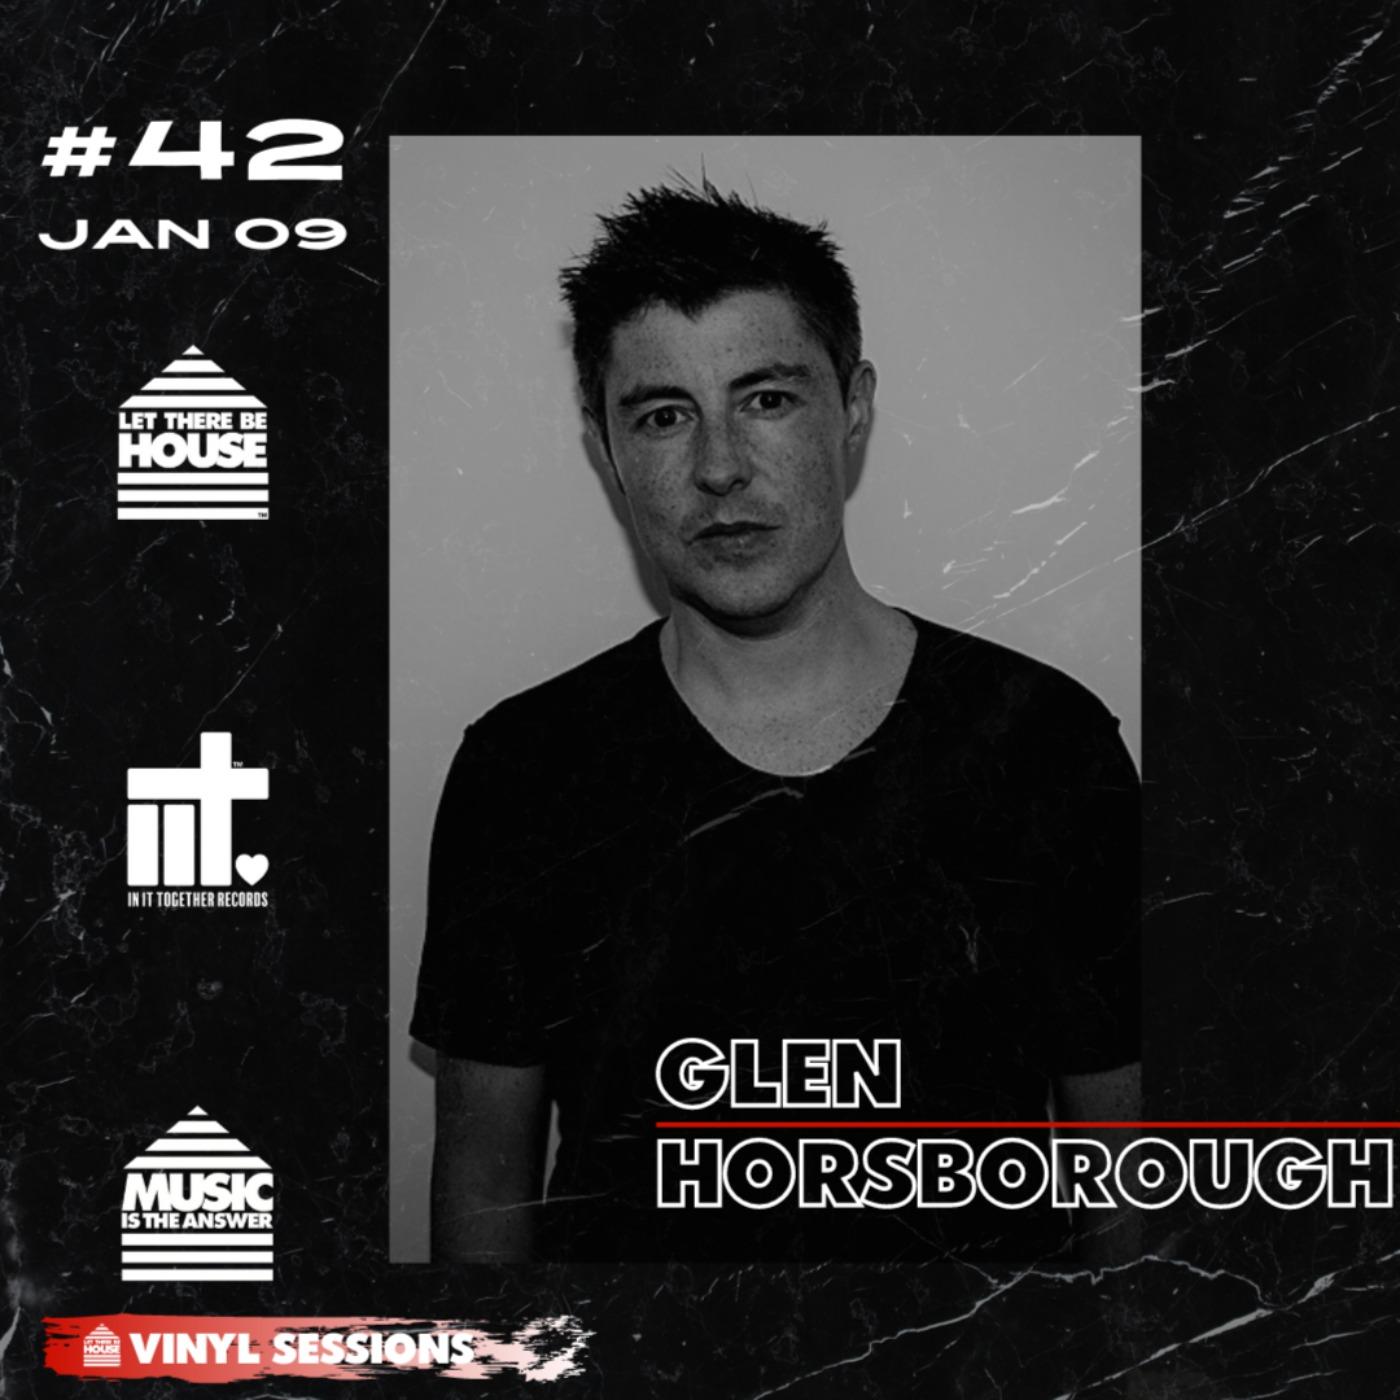 Glen Horsborough Vinyl Sessions #042